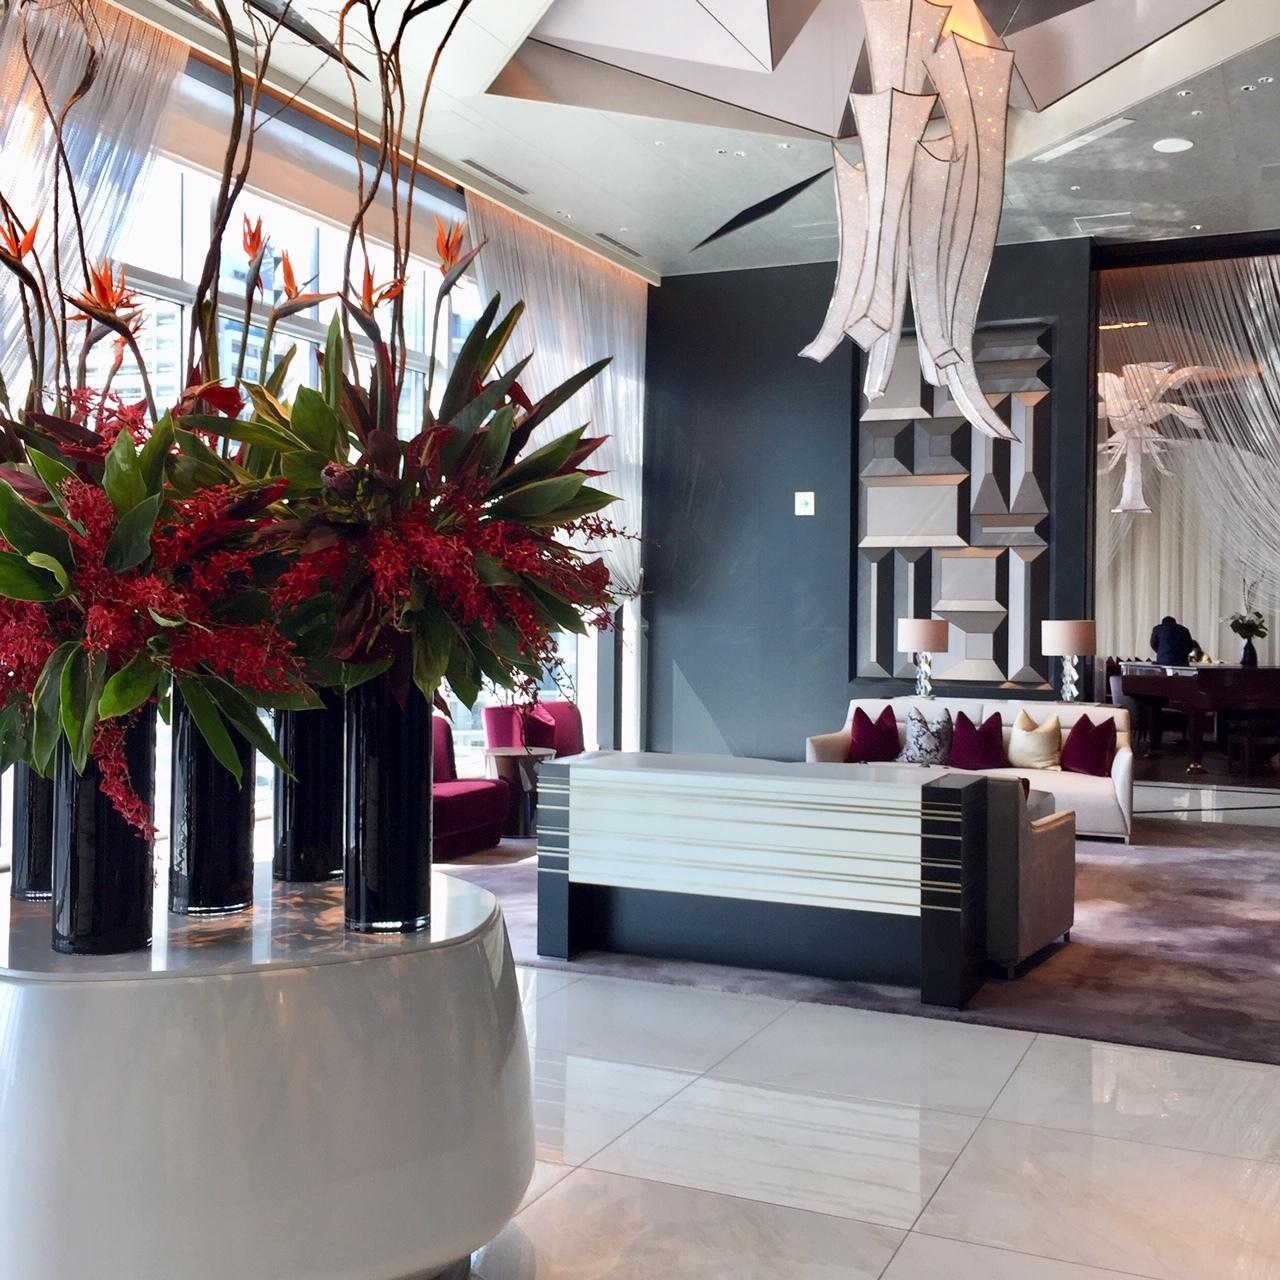 ザ・カハラ・ホテル&リゾート横浜でハワイ気分のお茶時間_1_2-1